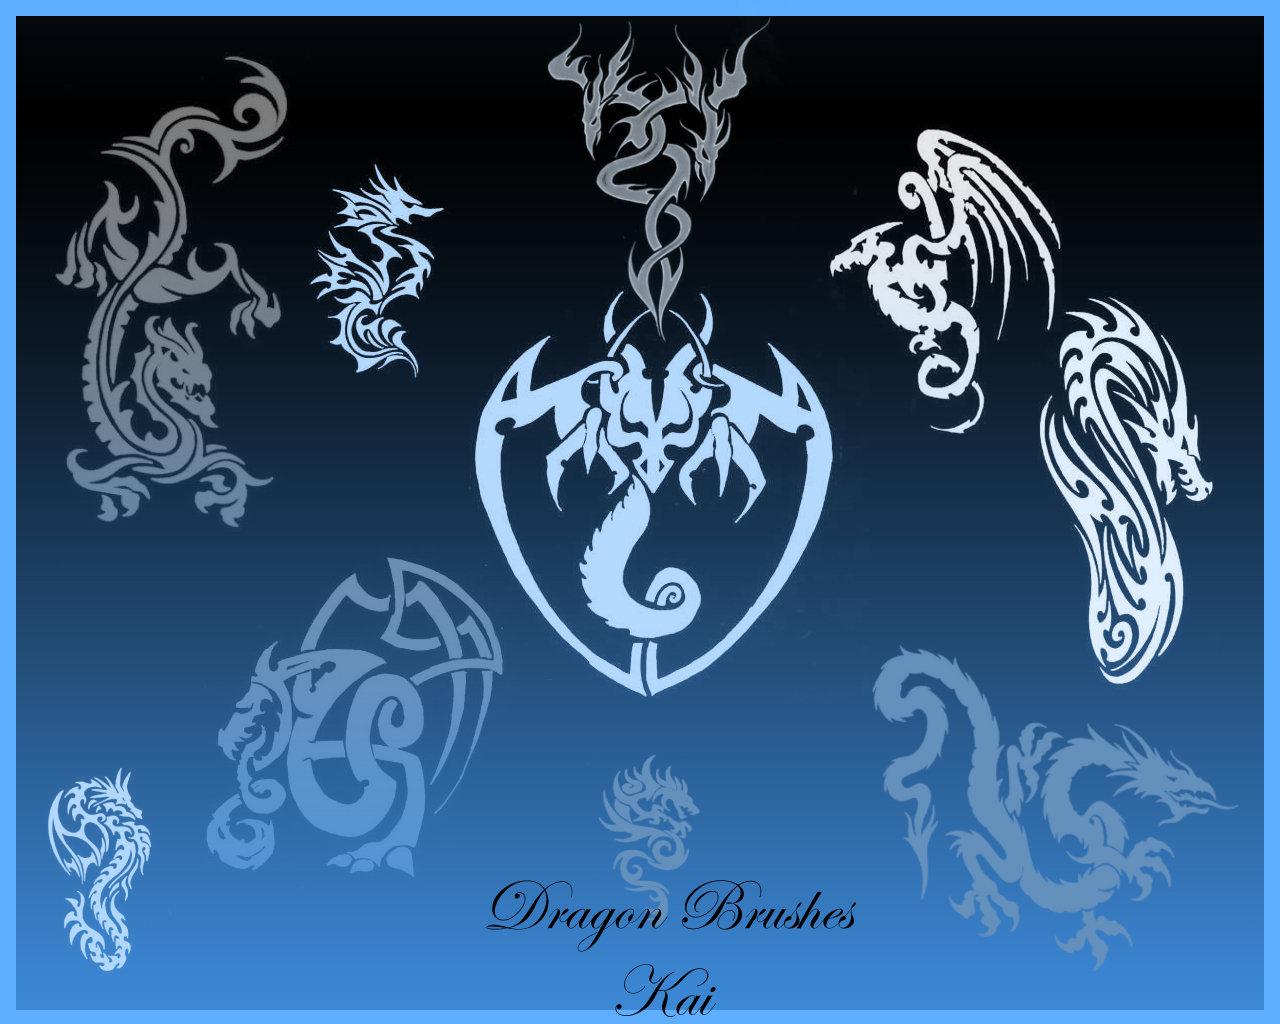 邪恶魔龙、地狱恶龙纹身、刺青图案PS笔刷下载